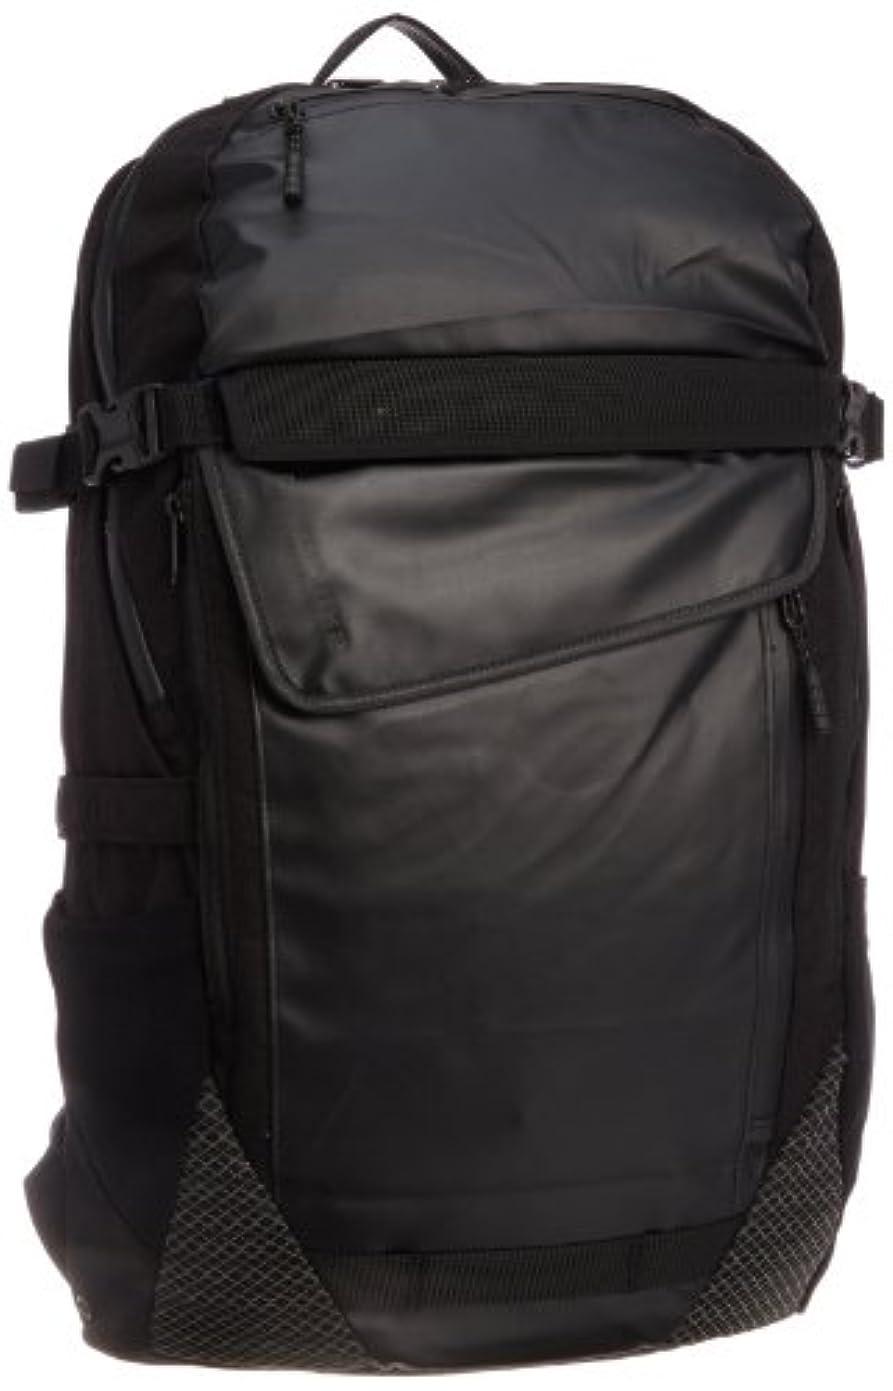 コンサート教育相互[ティンバックツー] バックパック Especial Medio Cycling Laptop Backpack エスペシャルメディオバックパック OS 450-4-6023